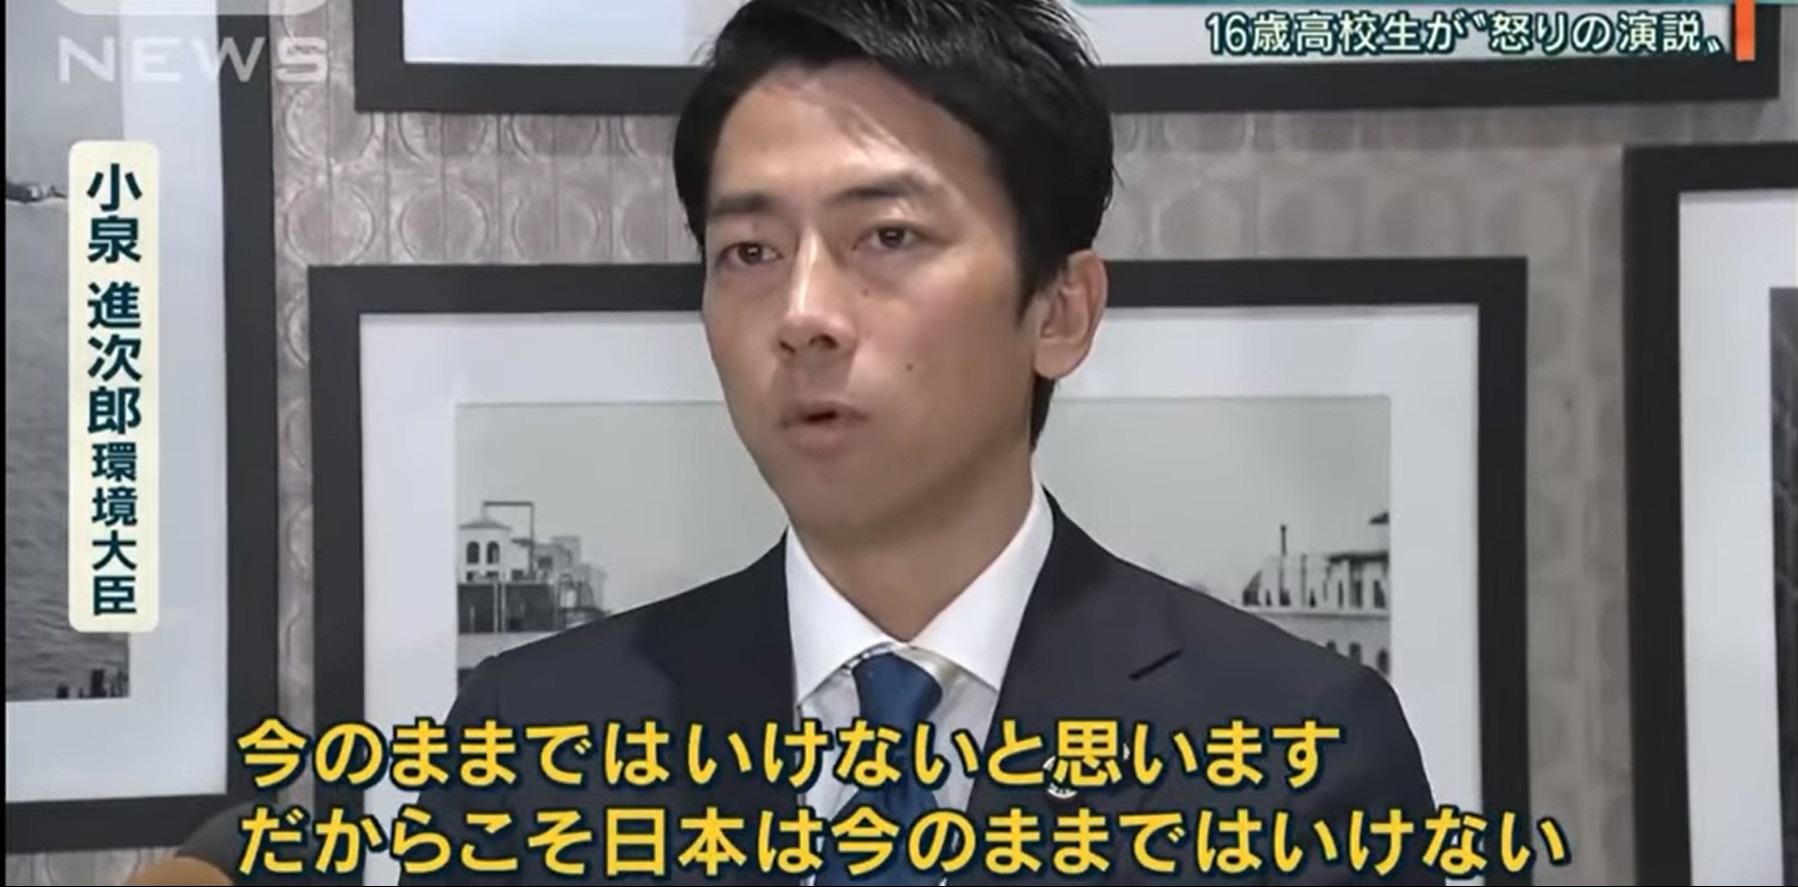 小泉進次郎の迷言集:今のまままではいけない